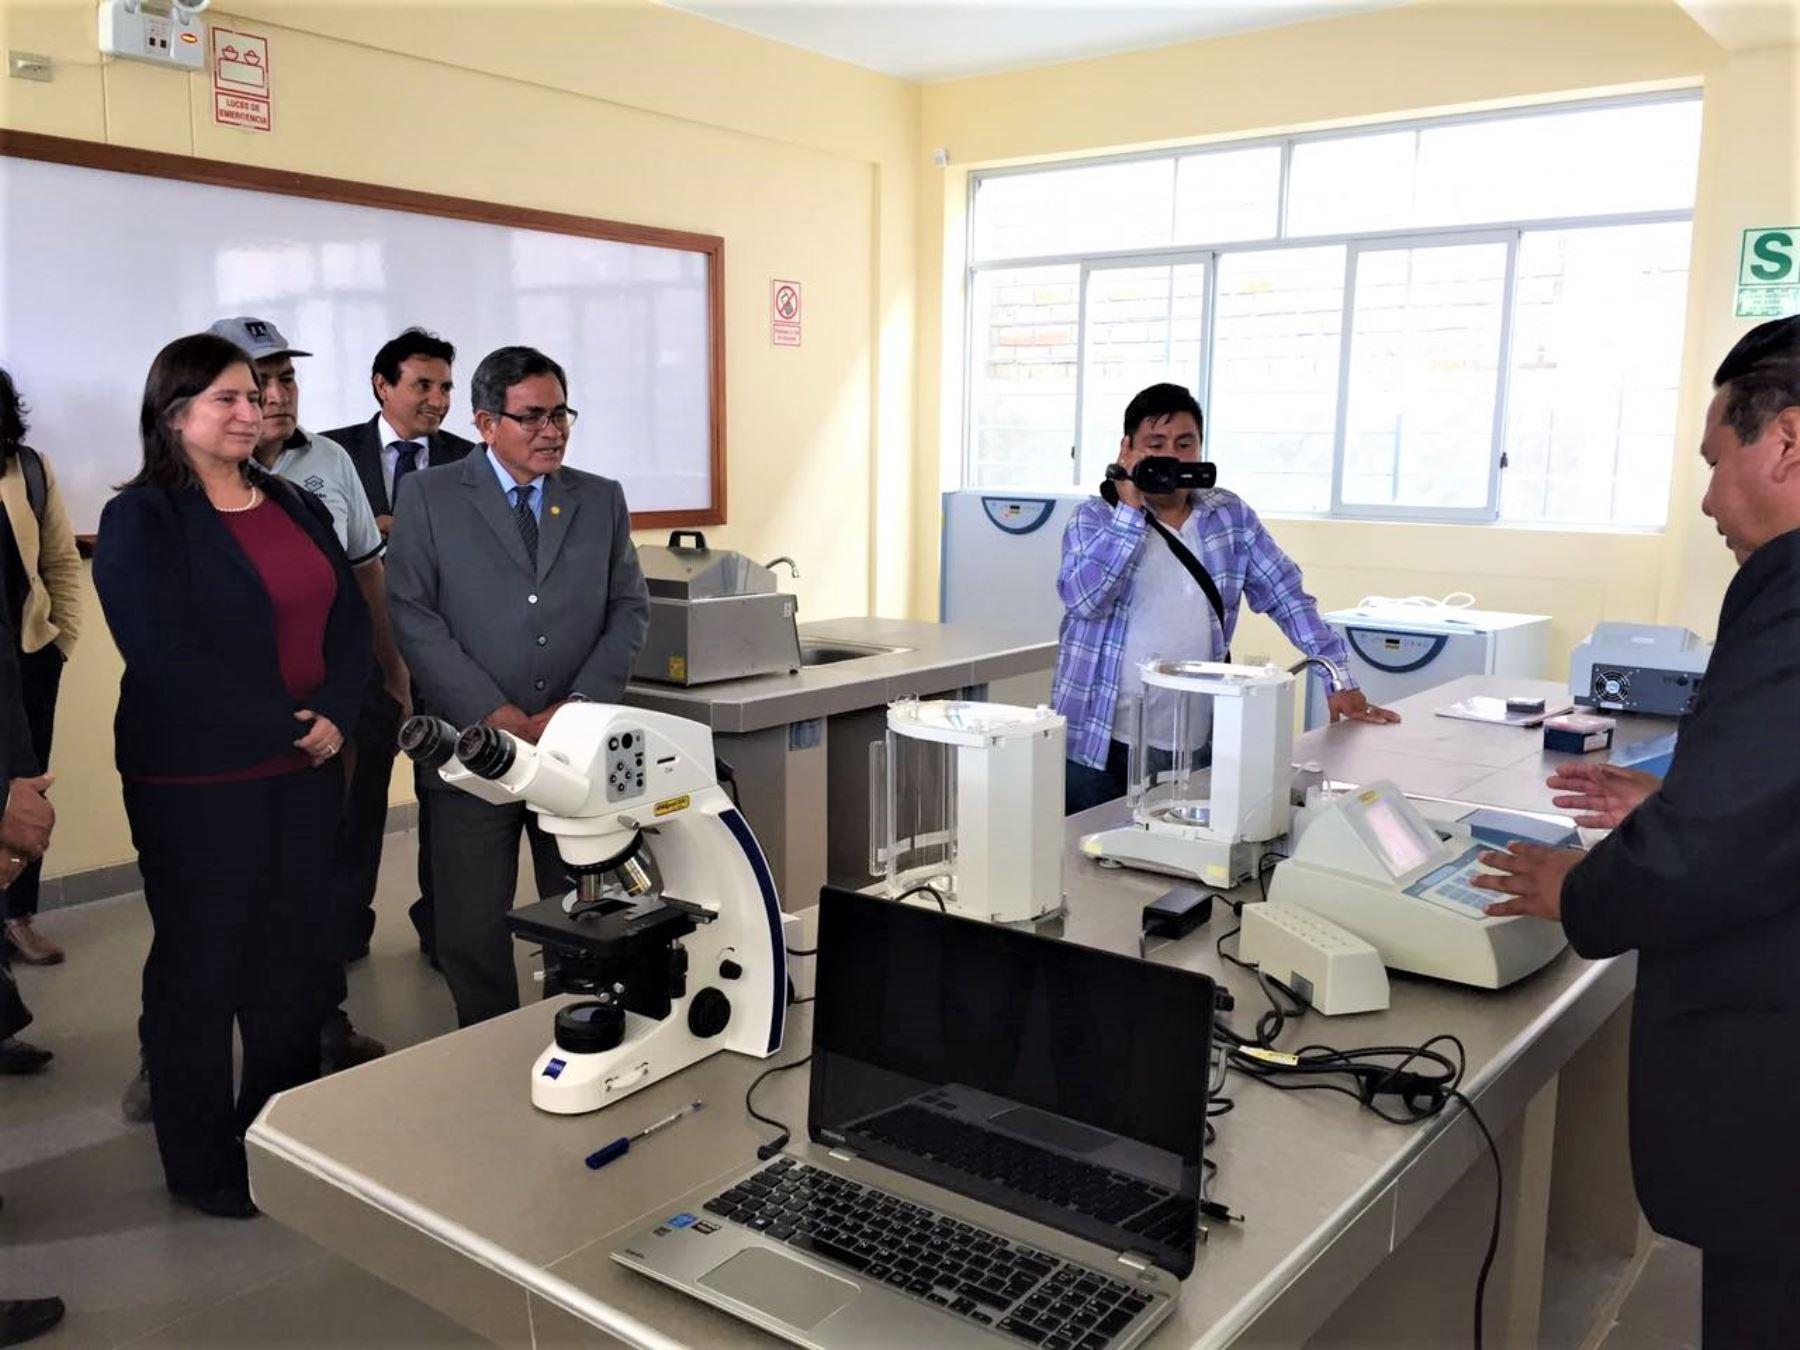 La UNAH es una de las tres casas de estudios superiores de Ayacucho que busca responder a la demanda de 11,000 jóvenes, entre 15 y 19 años, que necesitan acceder a la educación superior.